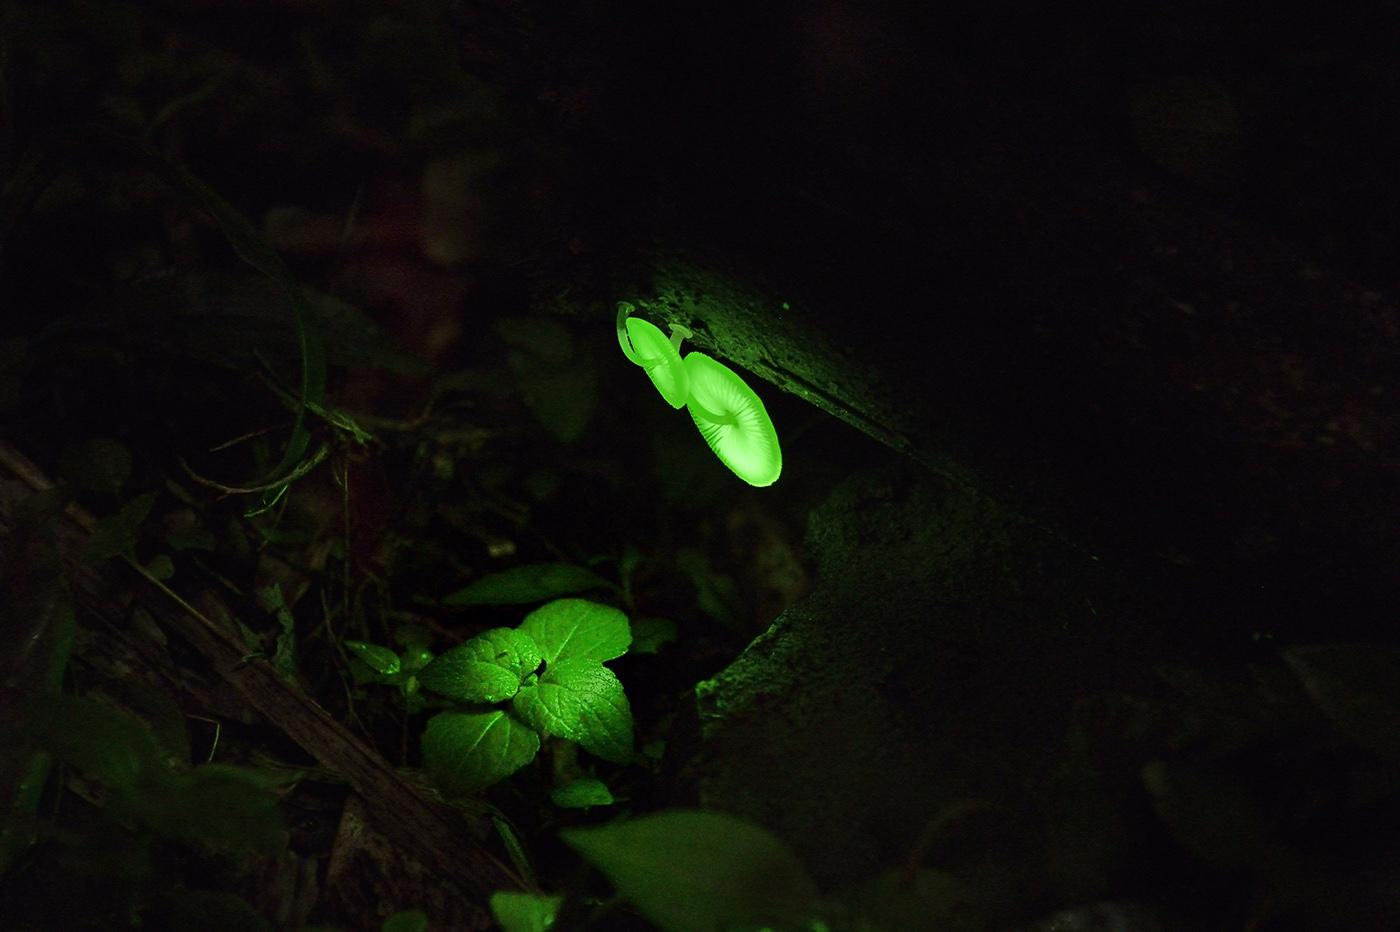 梅山鄉瑞里村螢光菇(發光蕈)。圖:林琮偉/攝